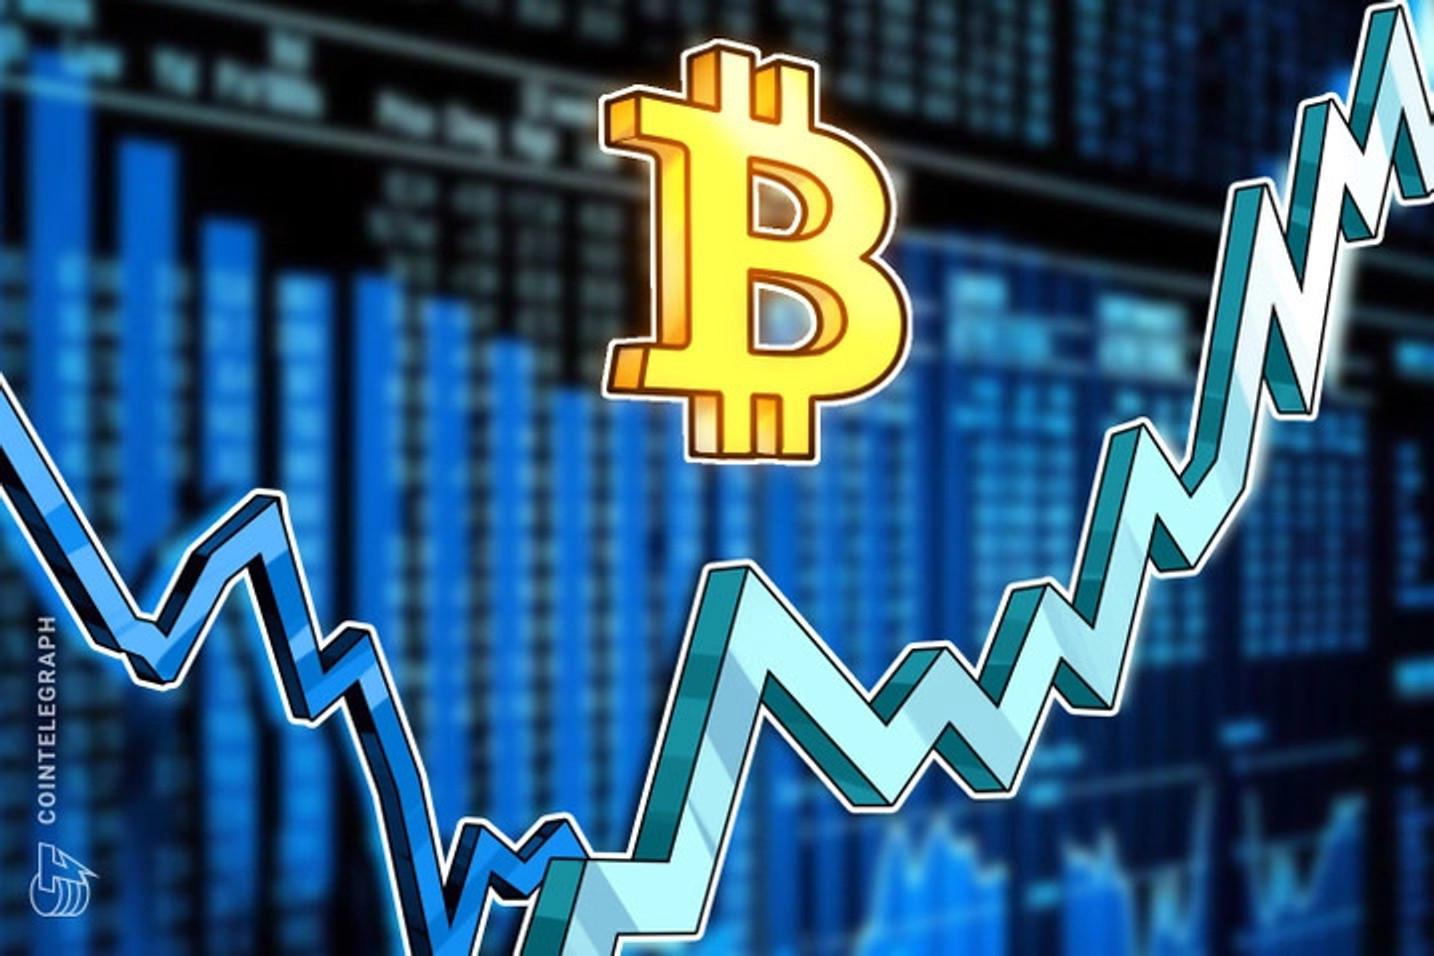 S&P 500 establece récord mientras el precio de Bitcoin lucha por mantener la zona de los 12k